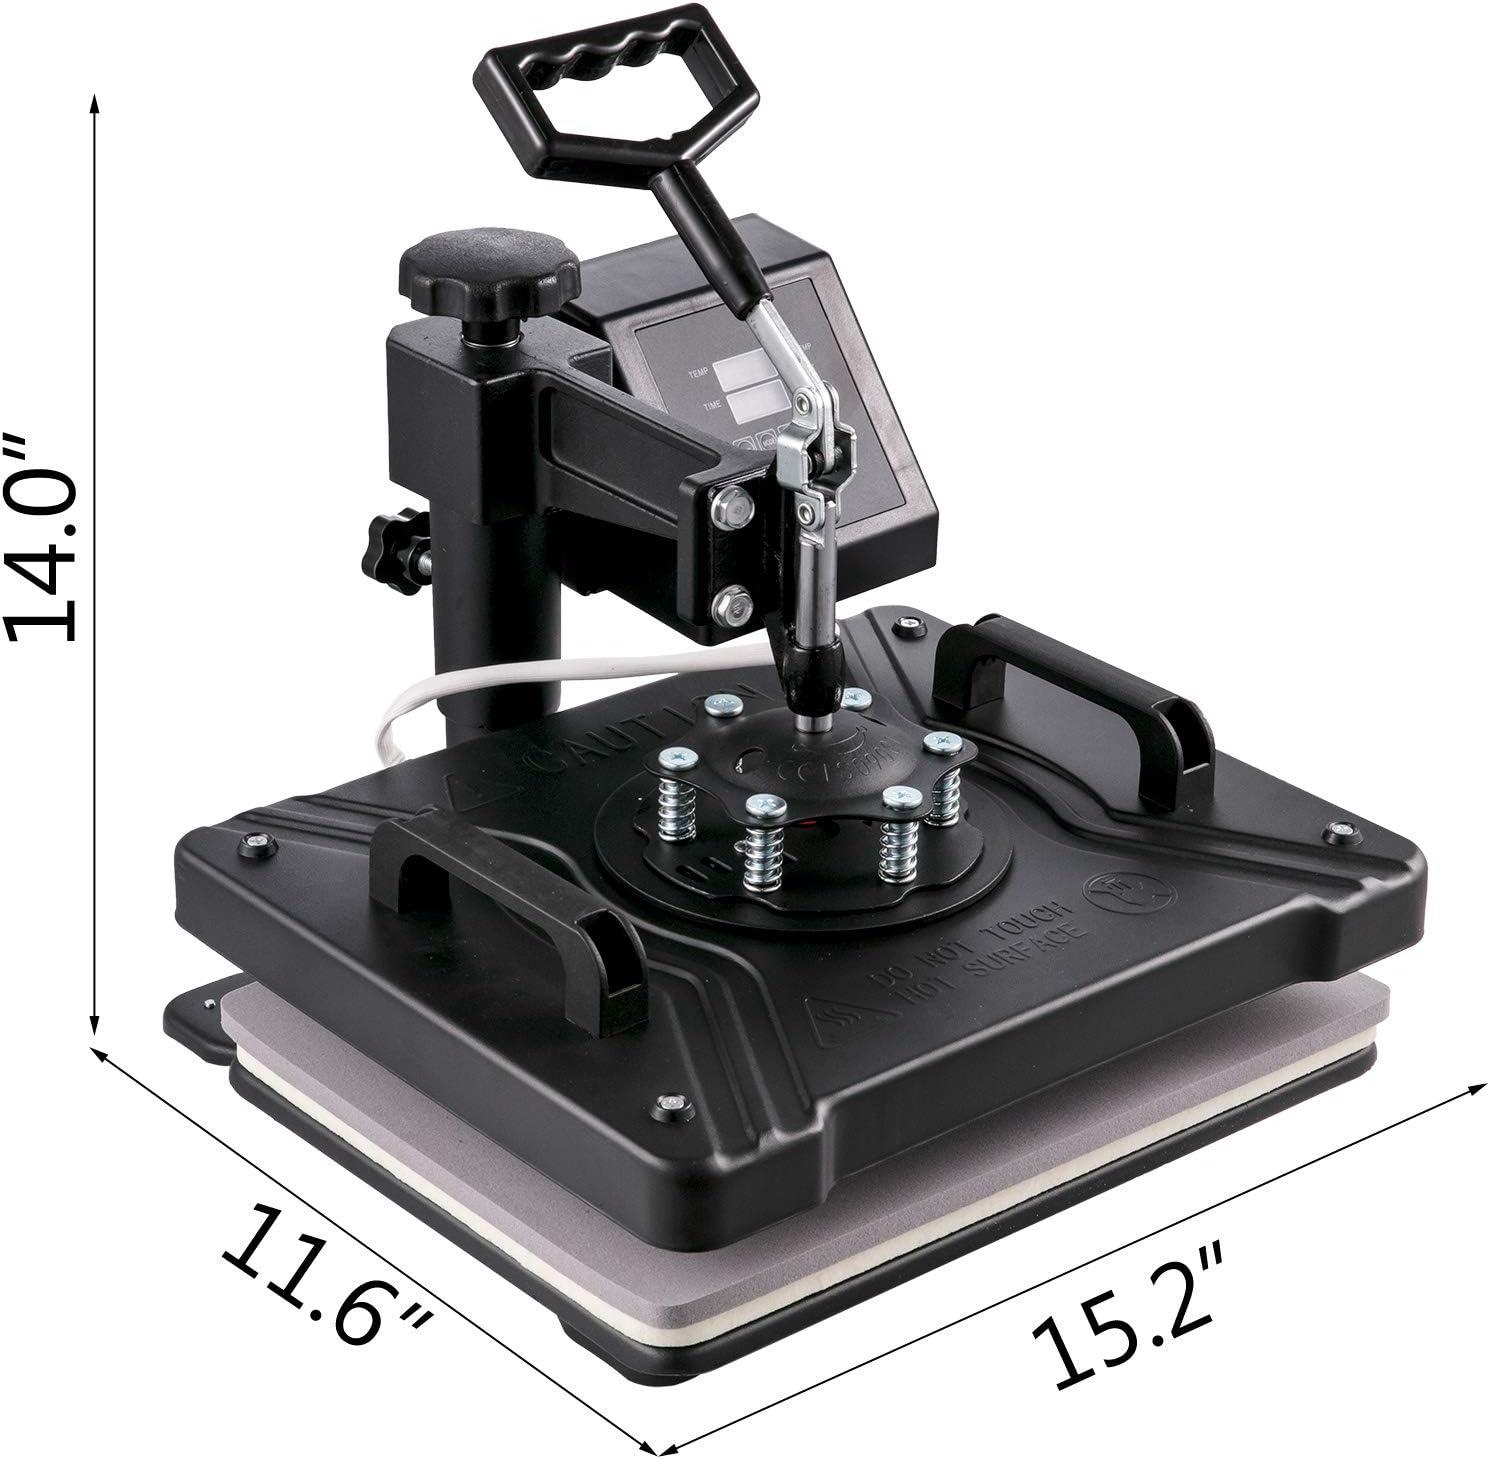 VEVOR 5 in 1 Transferpresse 38 x 29 cm Hei/ßpresse Maschine 1000 W T-Shirt Presse Maschine Hitzepresse Maschine DIY Heat Press mit Digitaler LED-Temperatur und Zeitcontroller mit Komplettes Zubeh/ör